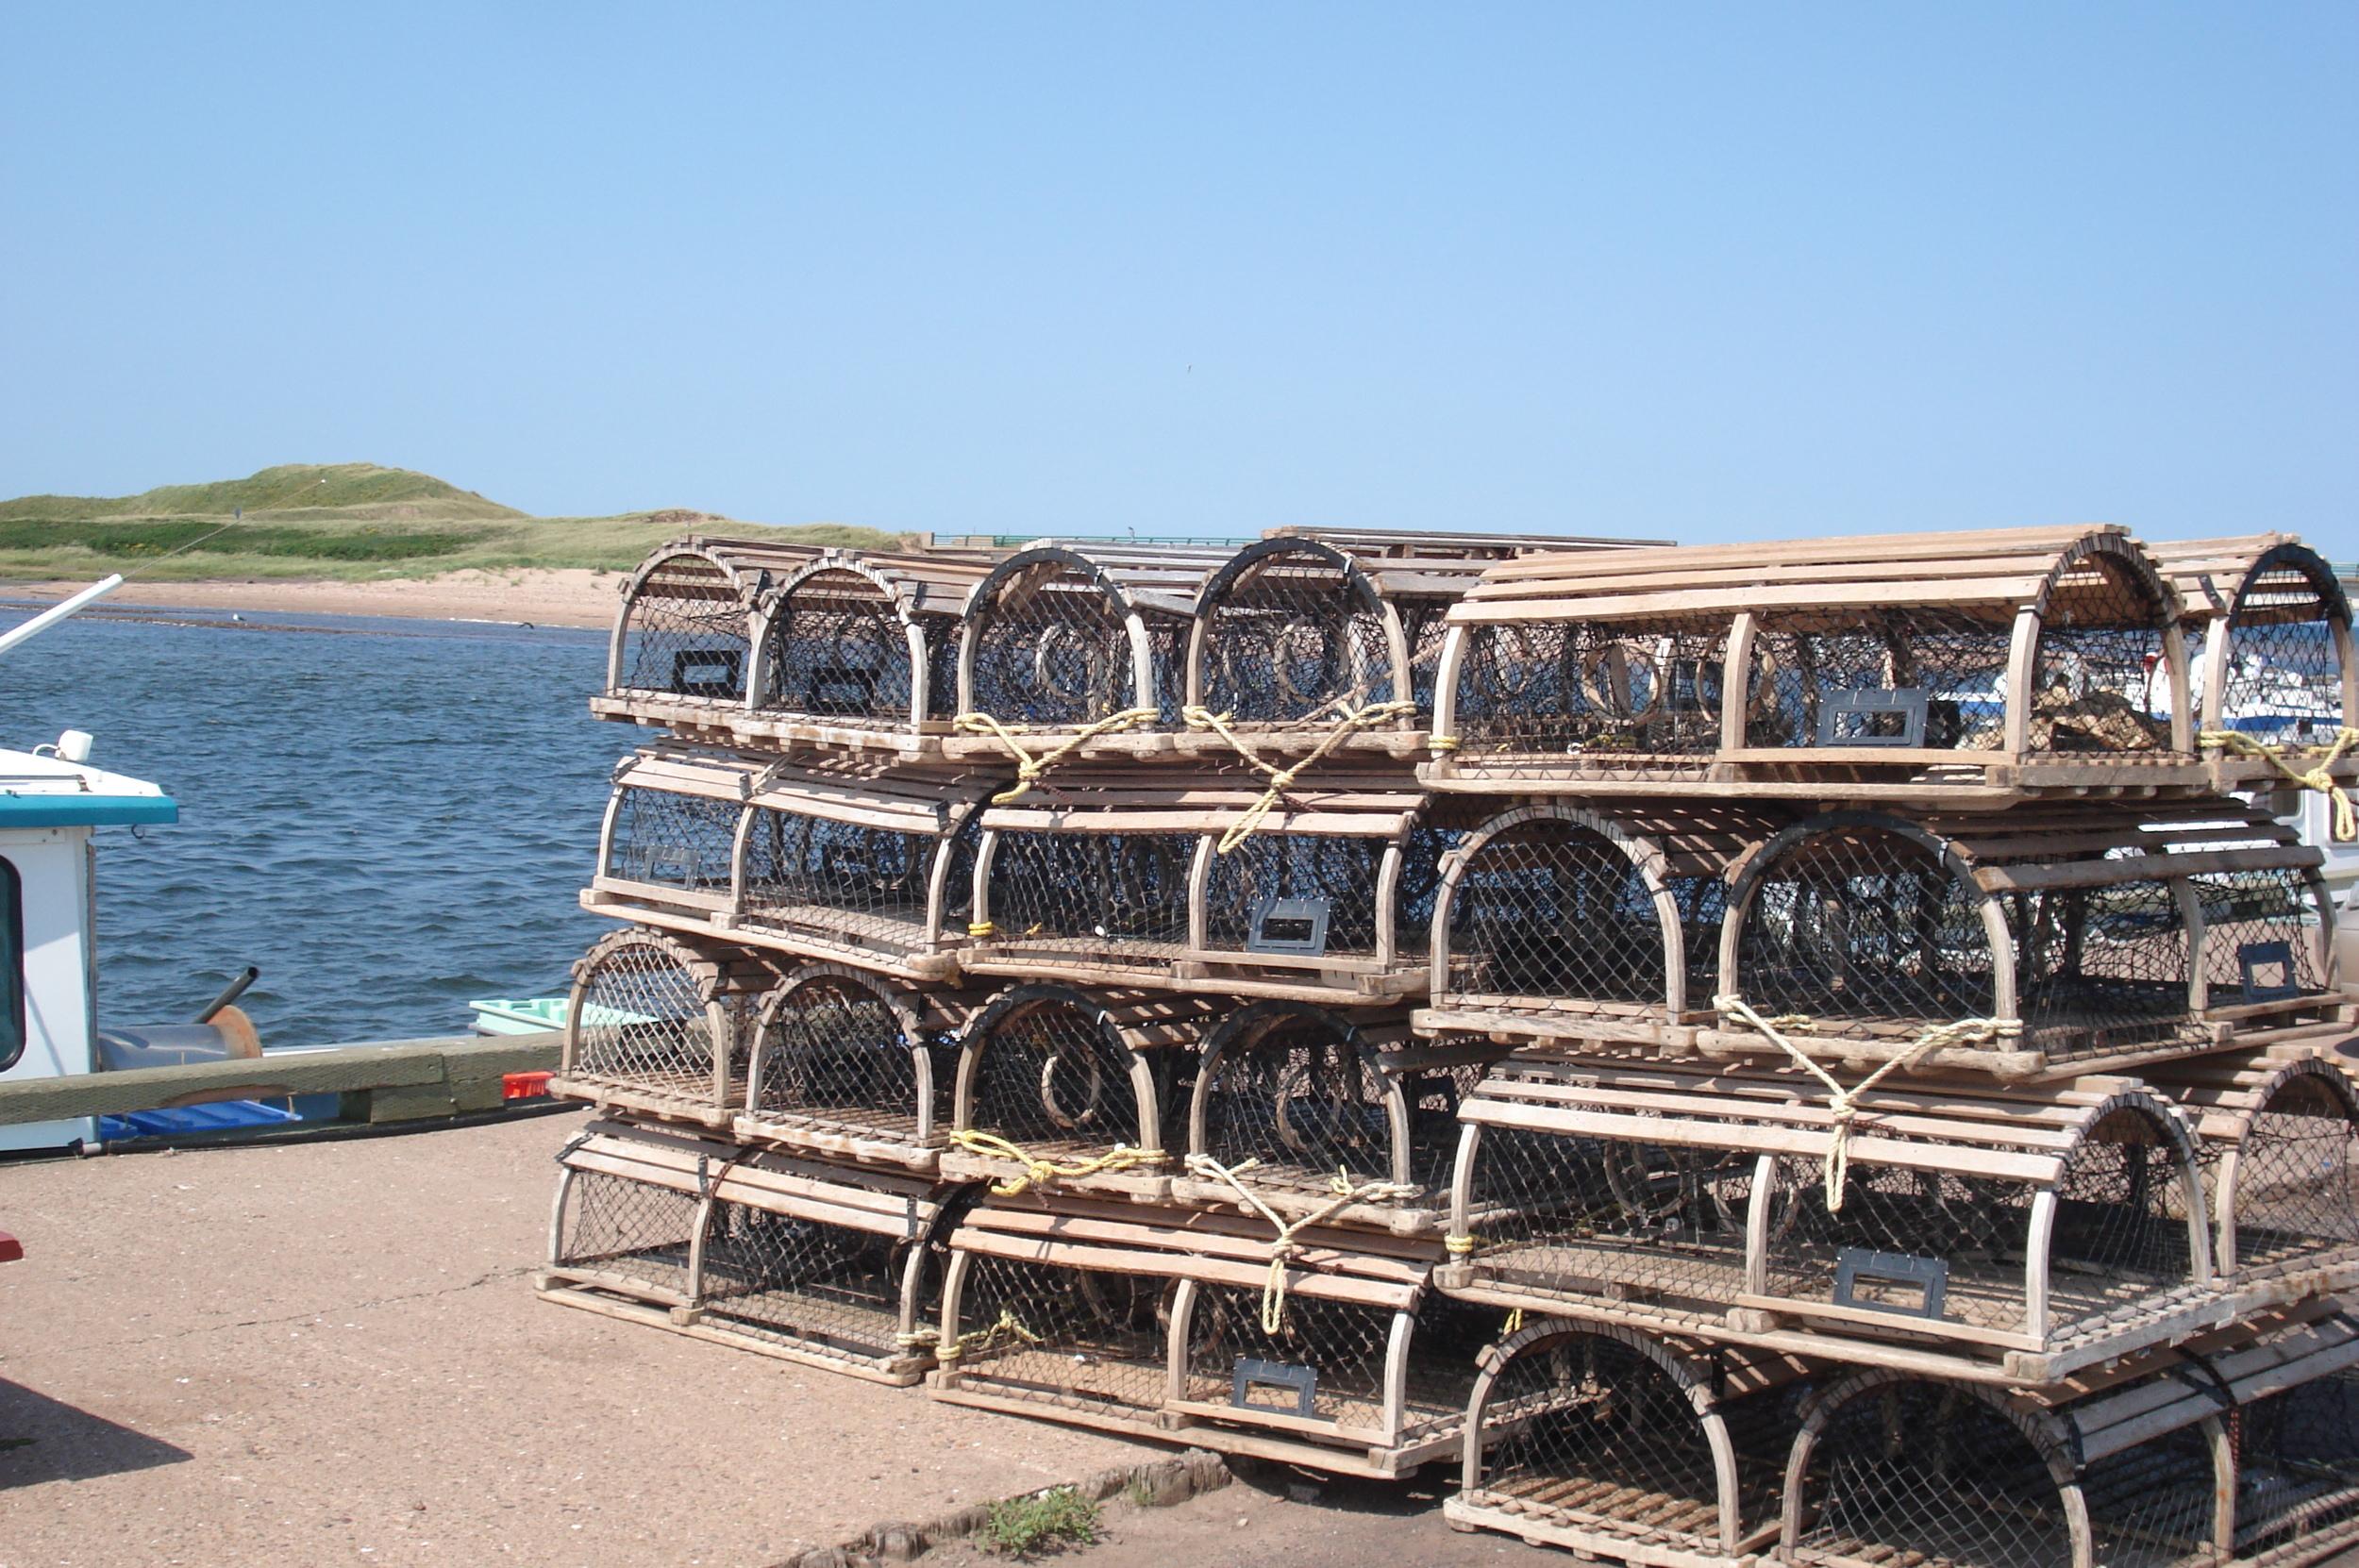 Covehead Wharf - Lobster traps